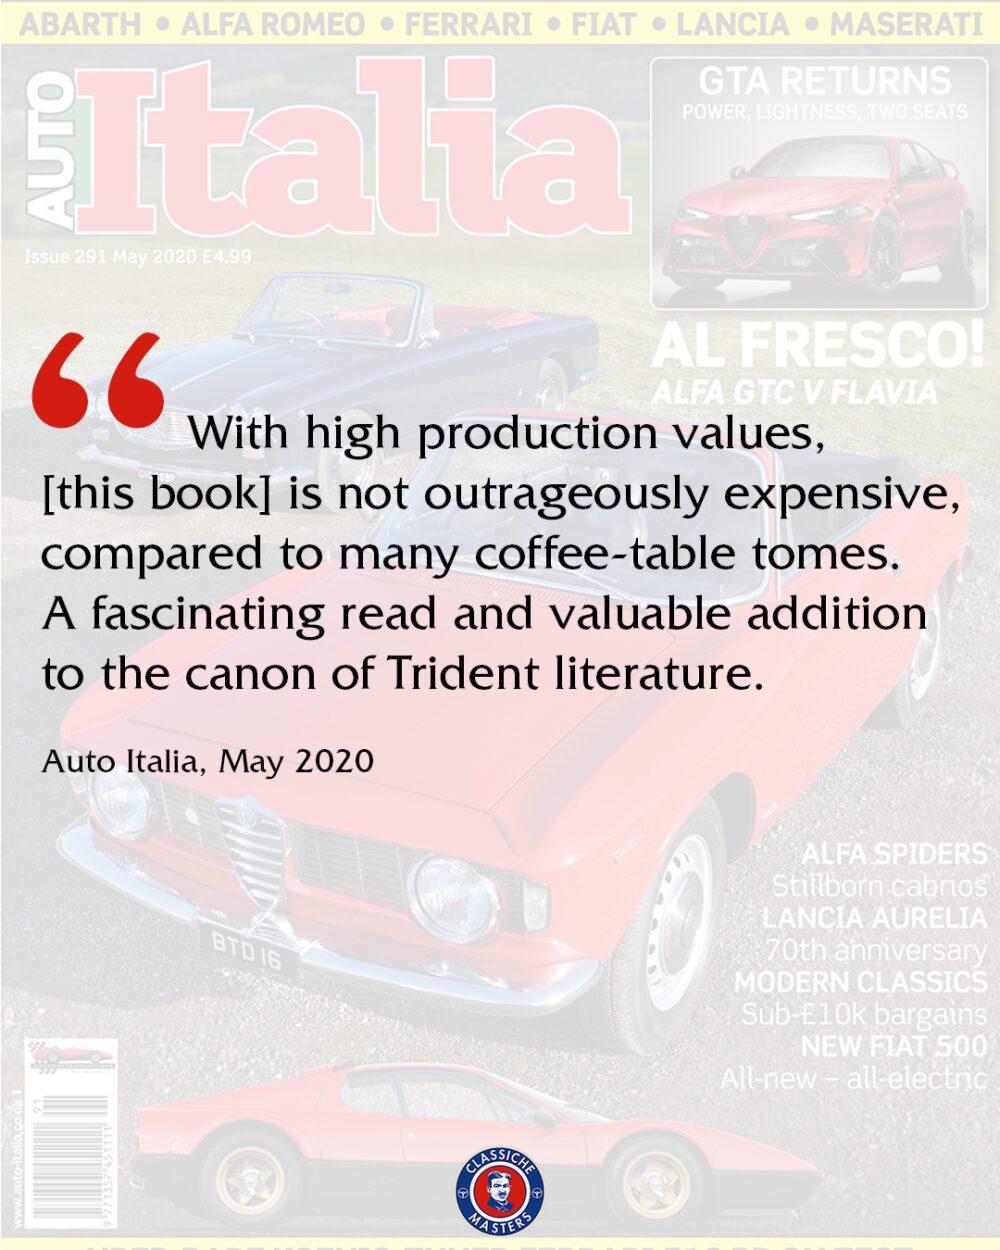 Book review Auto Italia